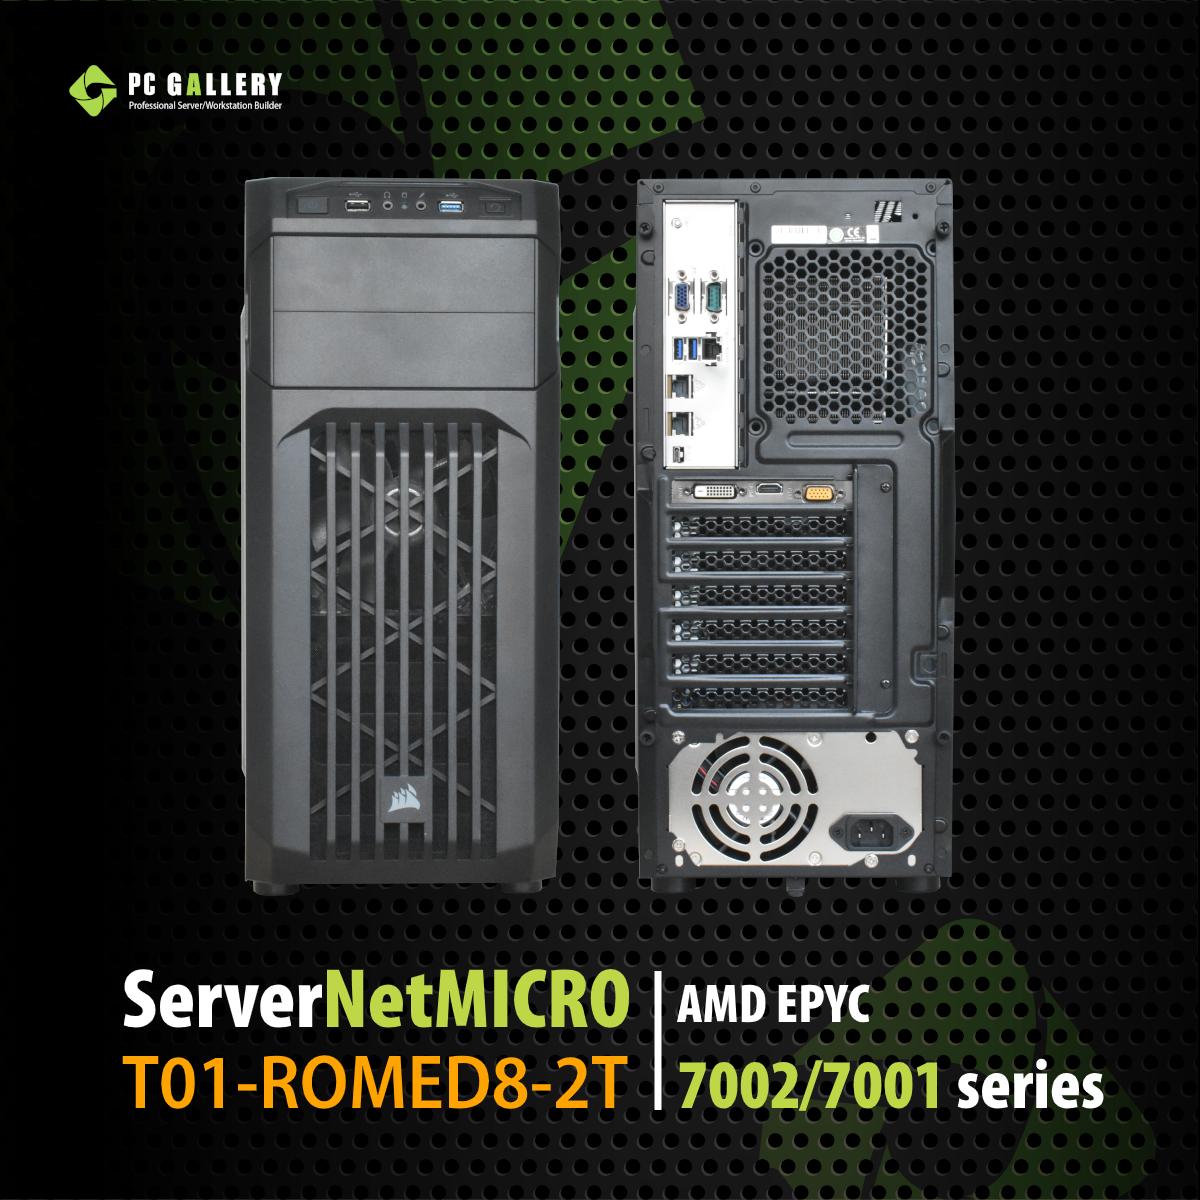 T01-ROMED8-2T